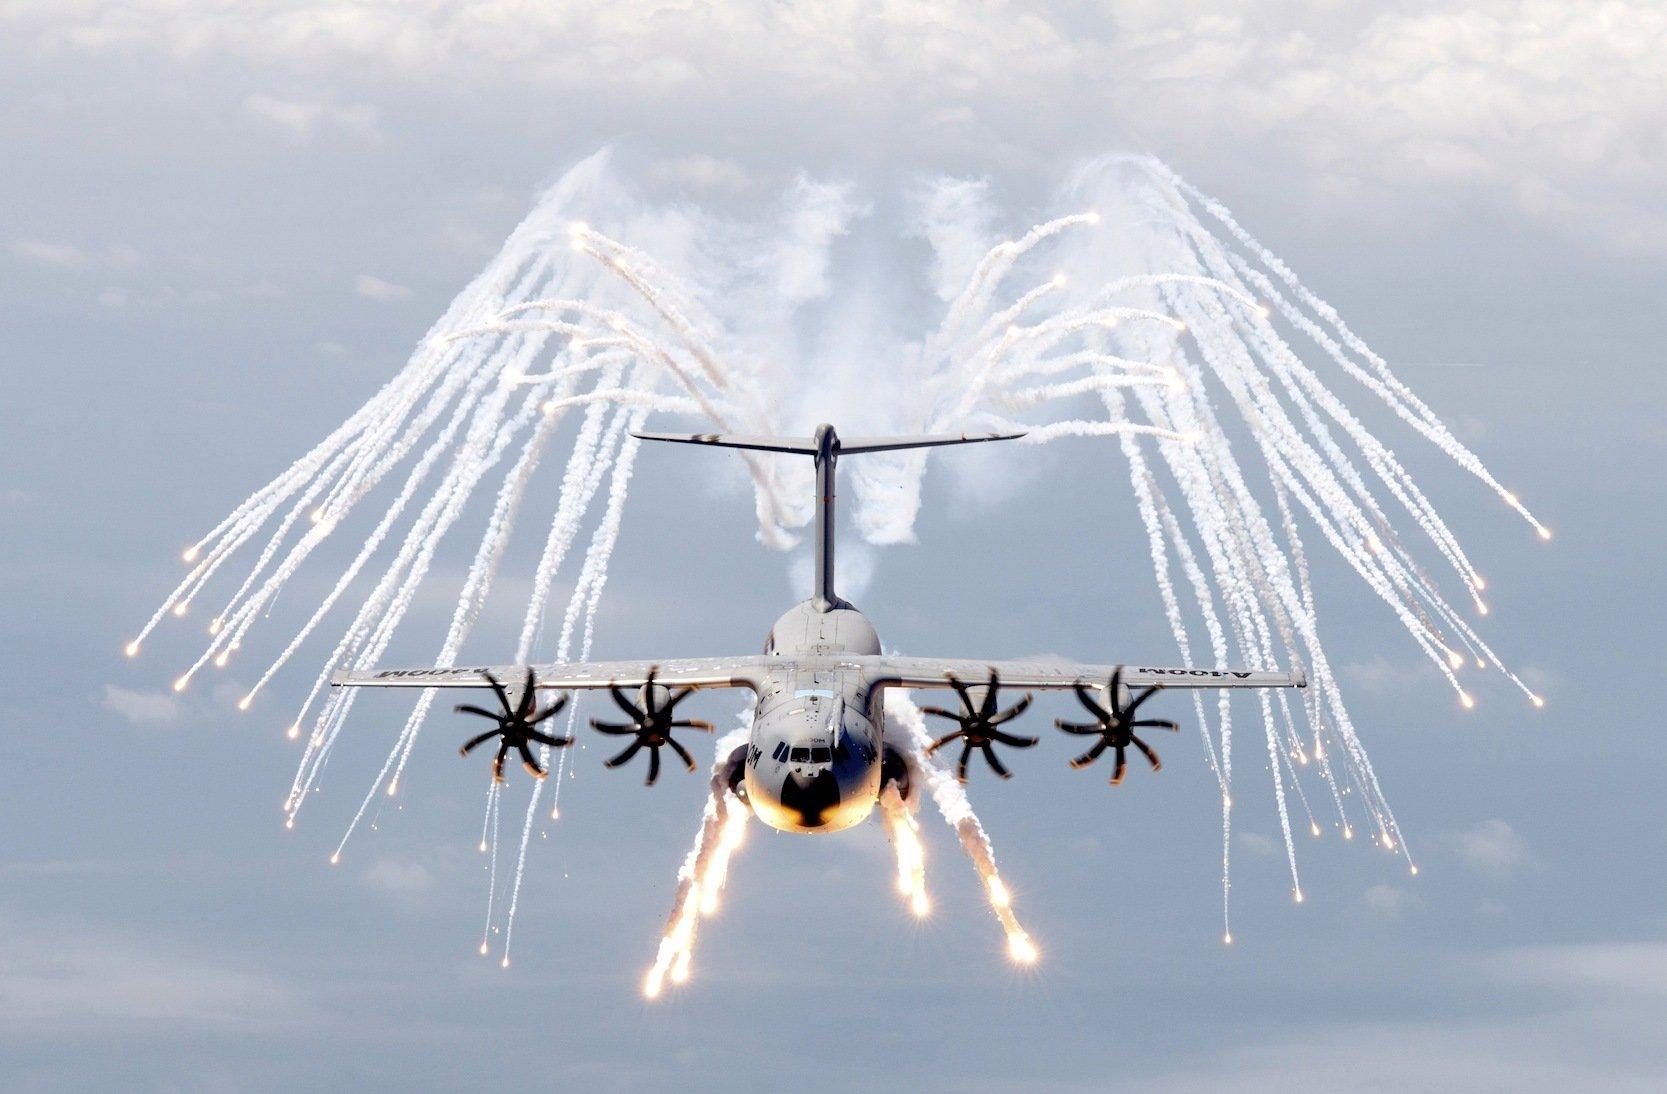 Da kann auch Feuerwerk an Flugtagen nichts ändern: Der A400M ist inzwischen ein Pannenflieger.